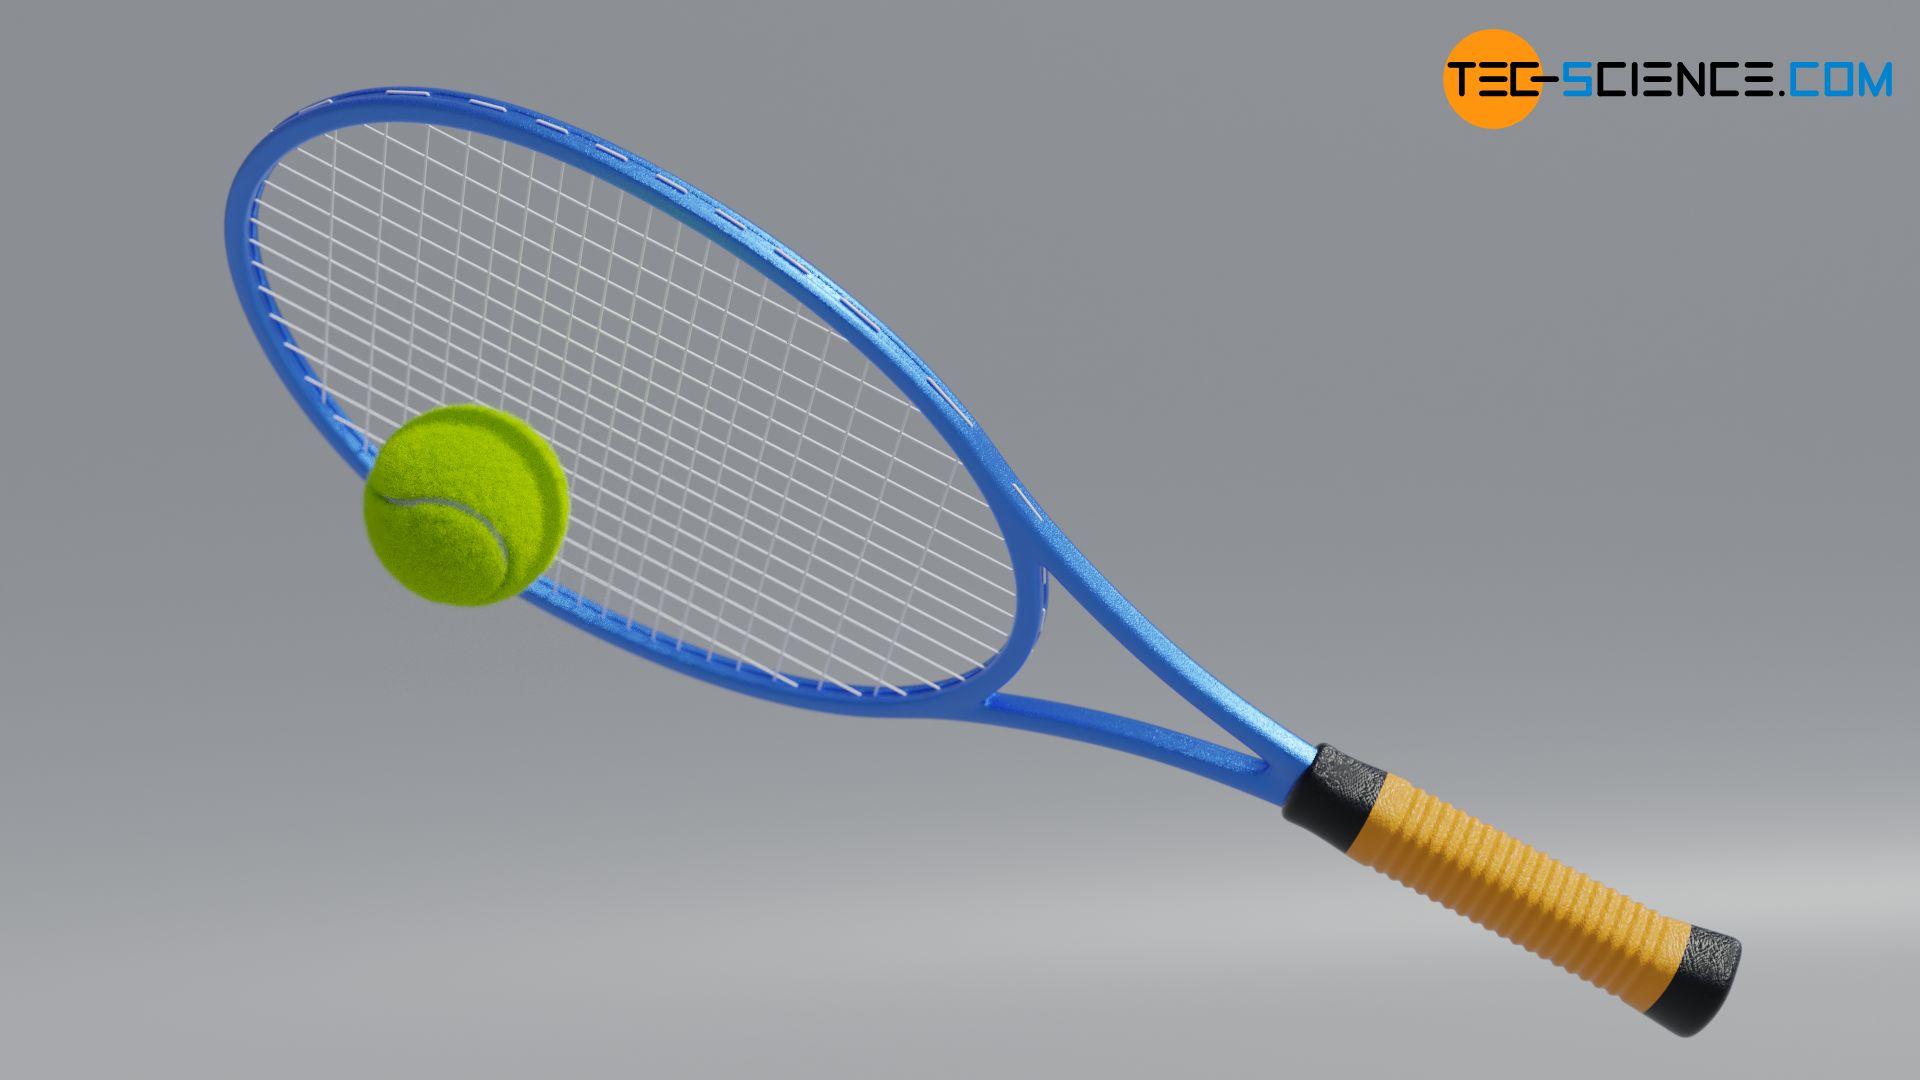 Erhöhung der Bewegungsenergie eines Tennisballs durch Schlagen mit einem Schläger